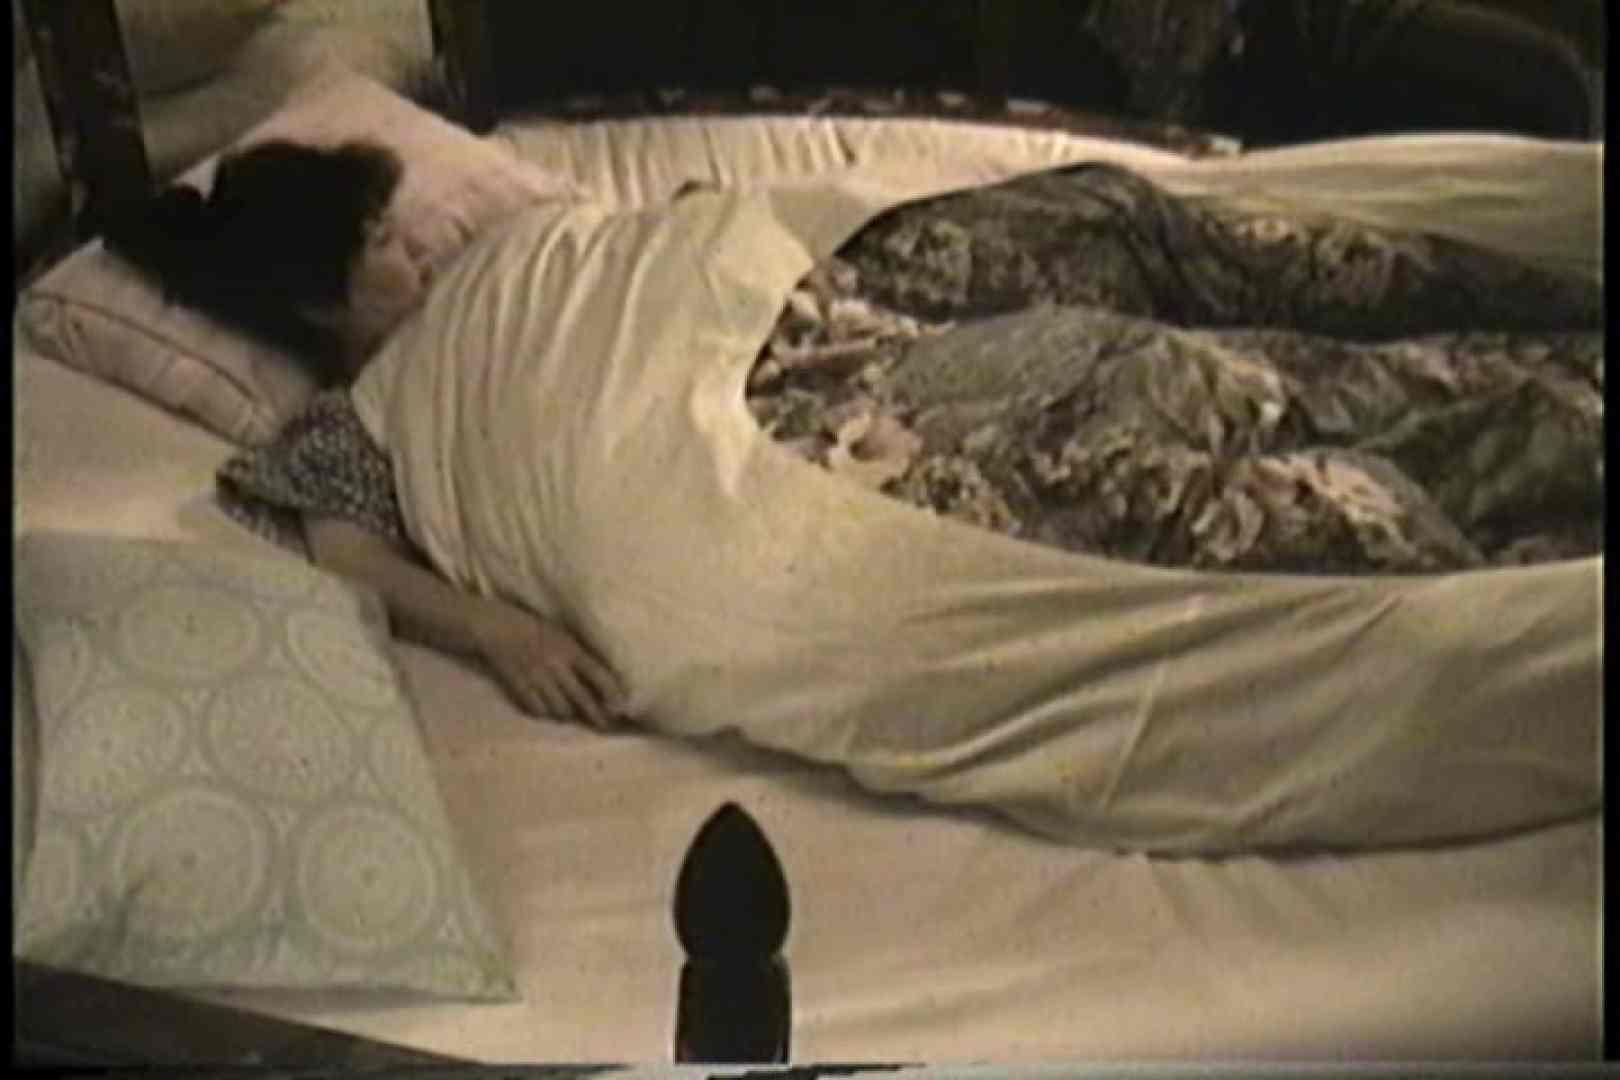 実録!ラブホテル~消し忘れ注意!昭和の色編~ vol.21 ラブホテル スケベ動画紹介 68連発 12